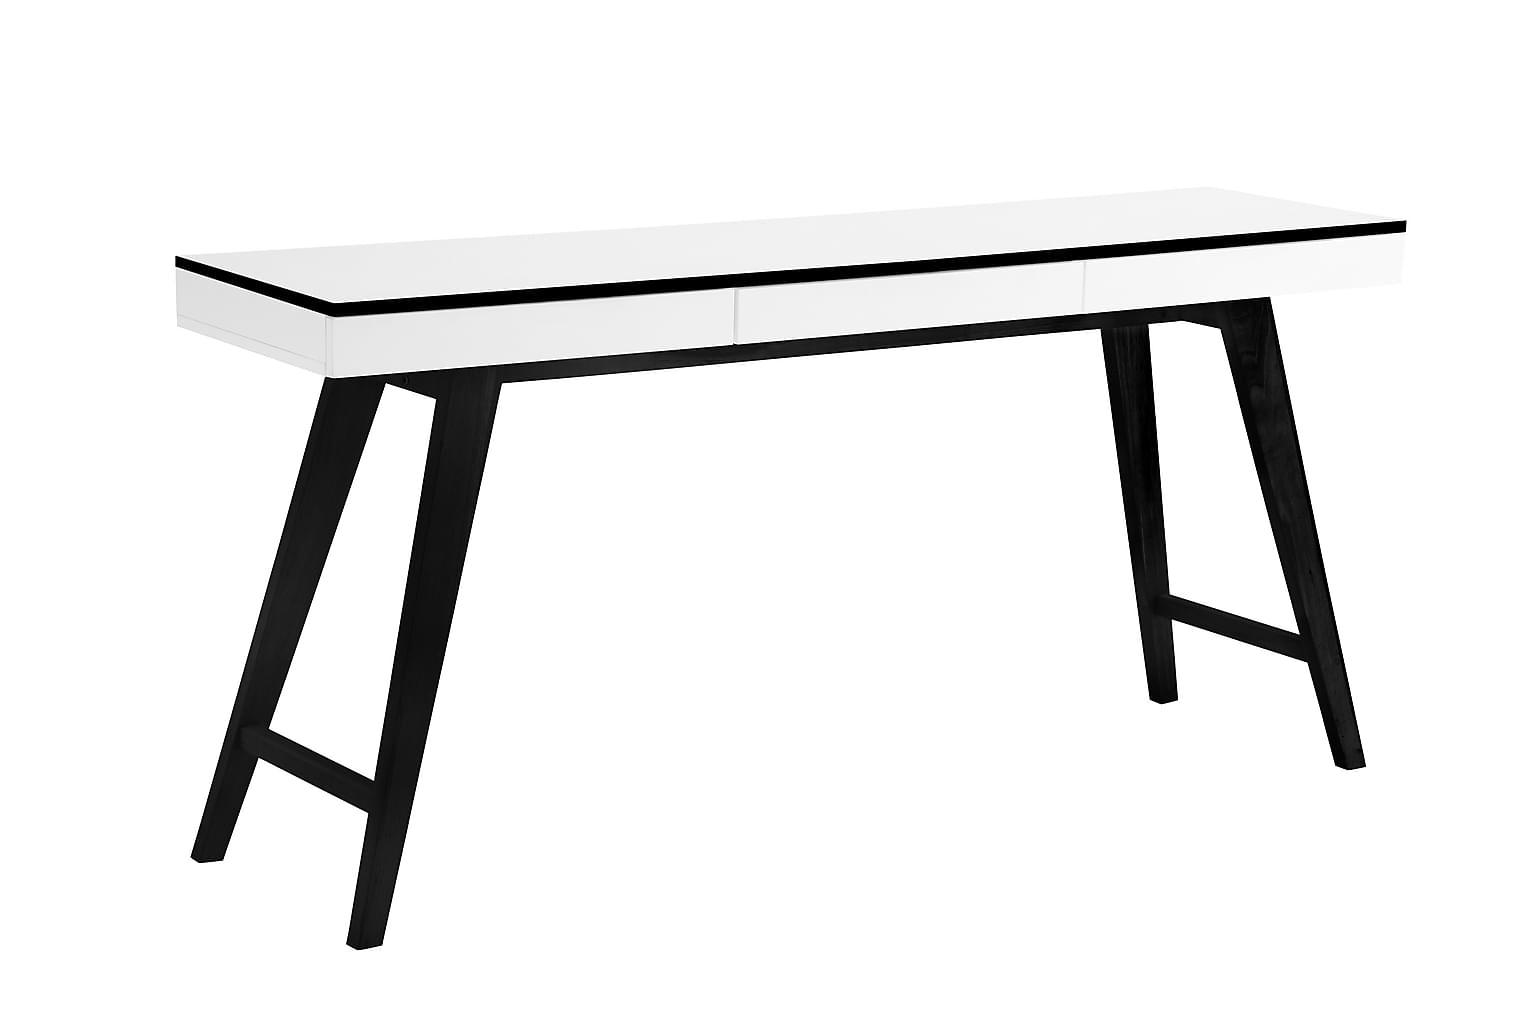 OSSI Kirjoituspöytä 160 Valkoinen/Musta